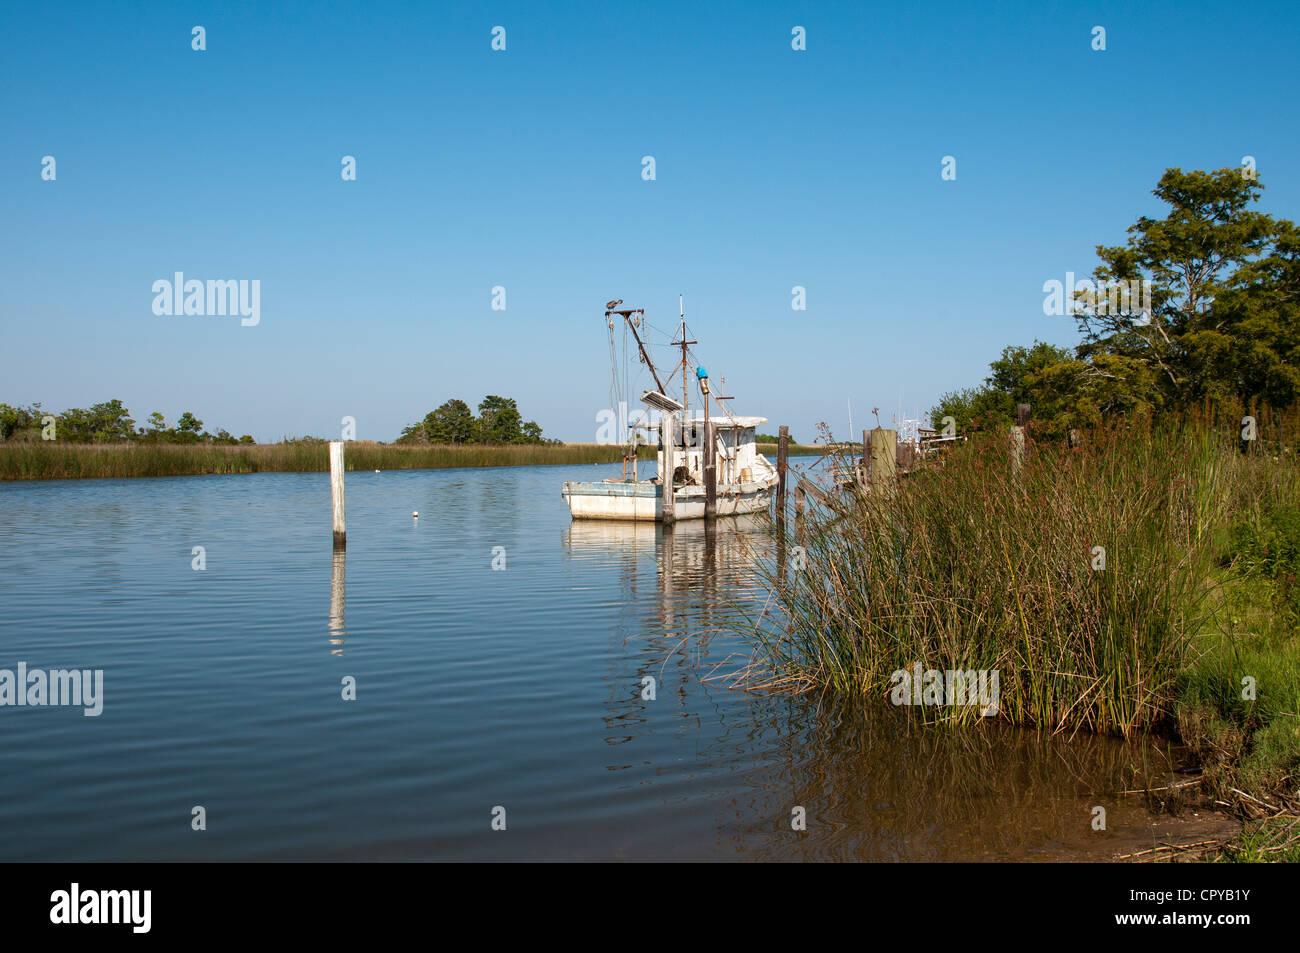 Apalachicola River Apalachicola northwest Florida USA - Stock Image